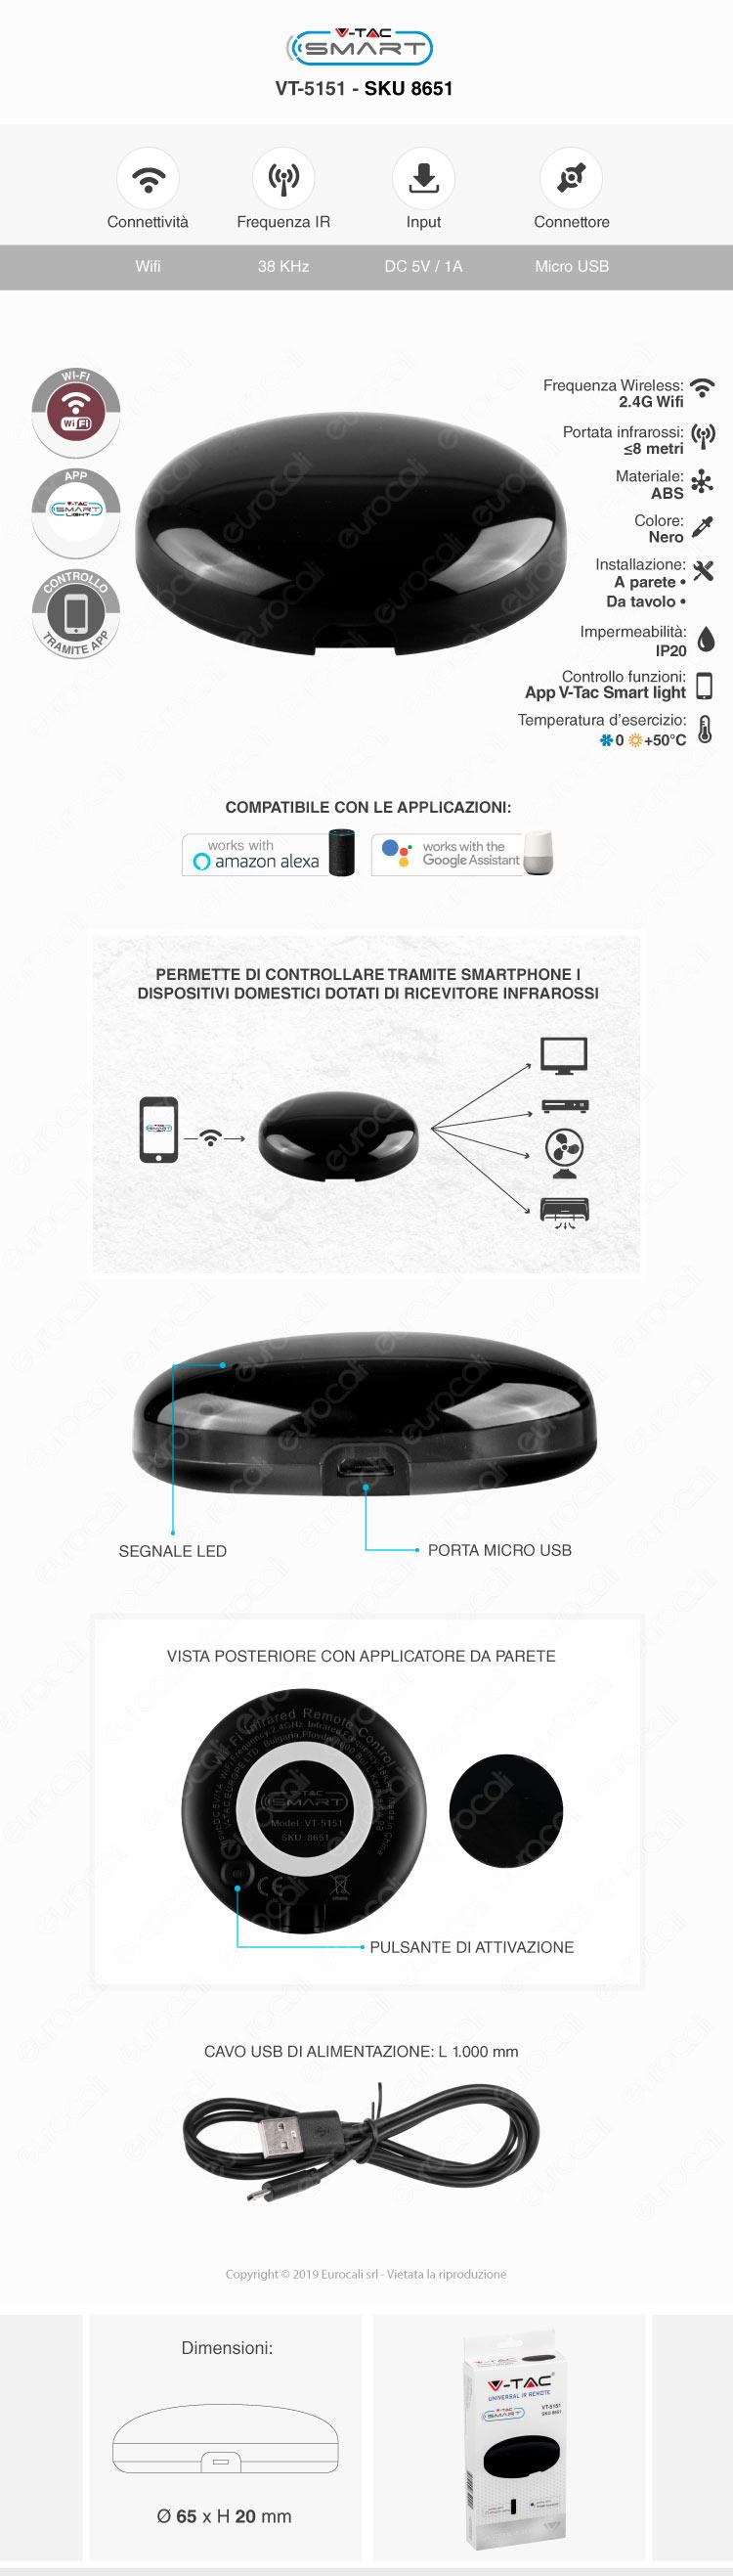 V-Tac Smart VT-5151 Universal IR Remote Compatibile con Amazon Alexa e Google Home